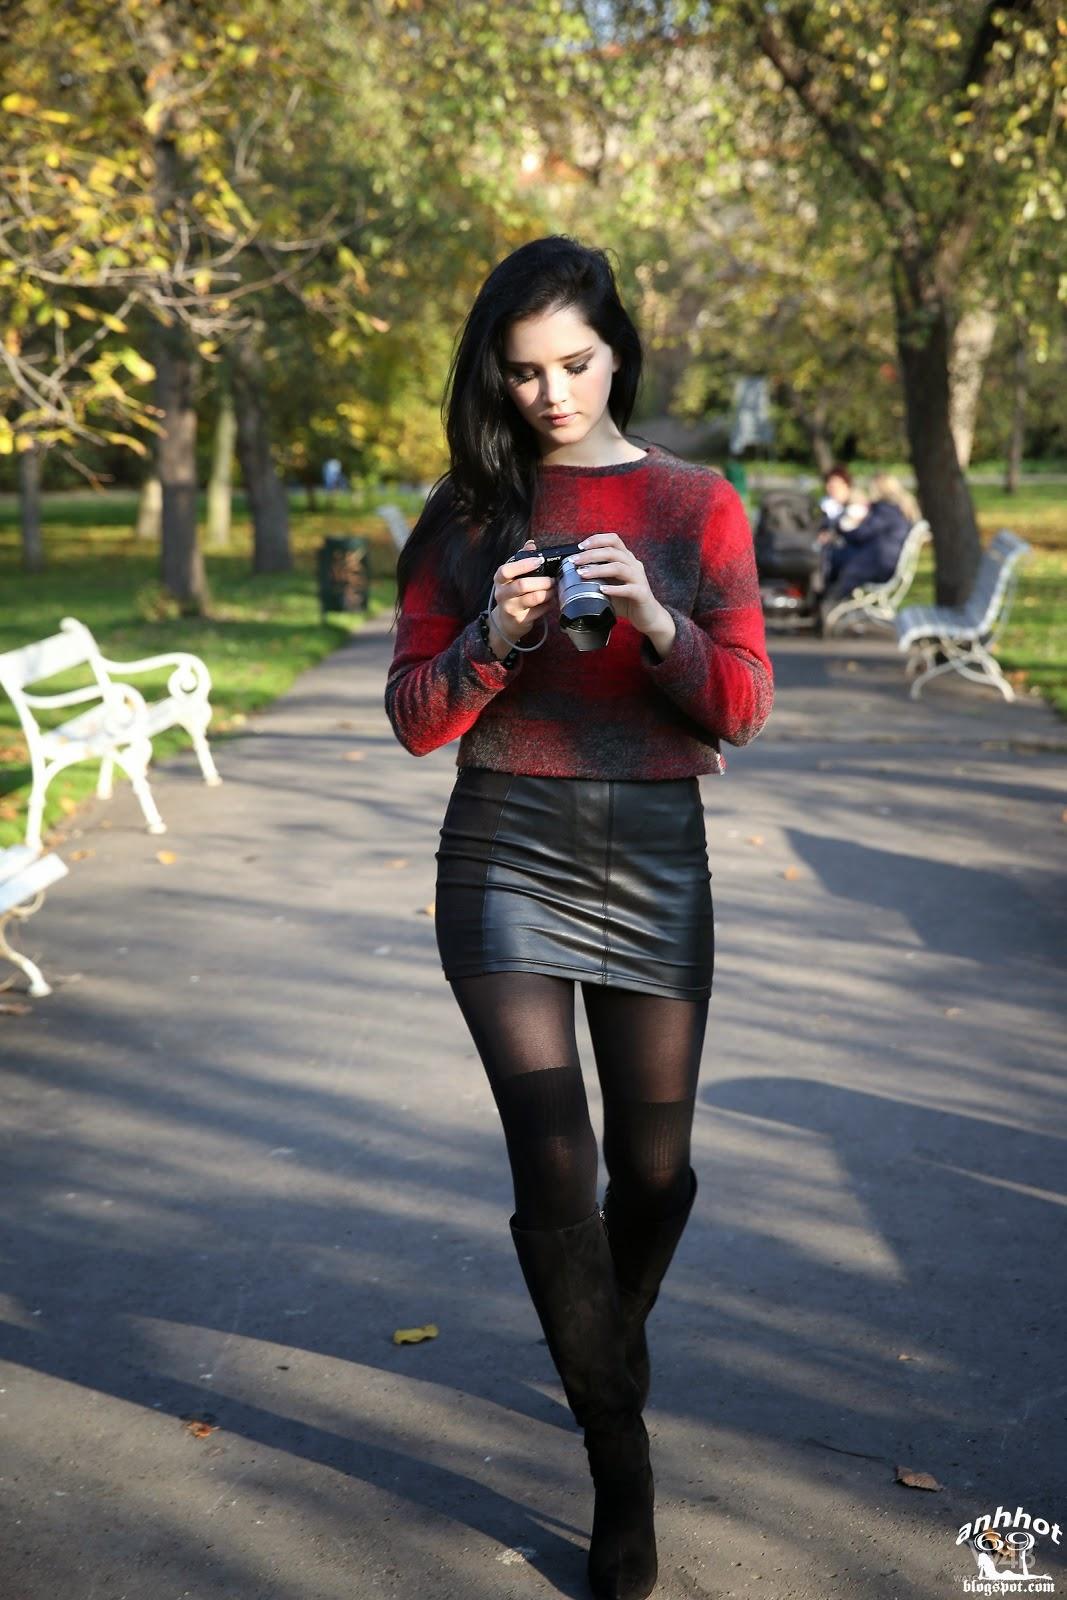 Watch4Beauty-Sunny Malena-141120 [24]